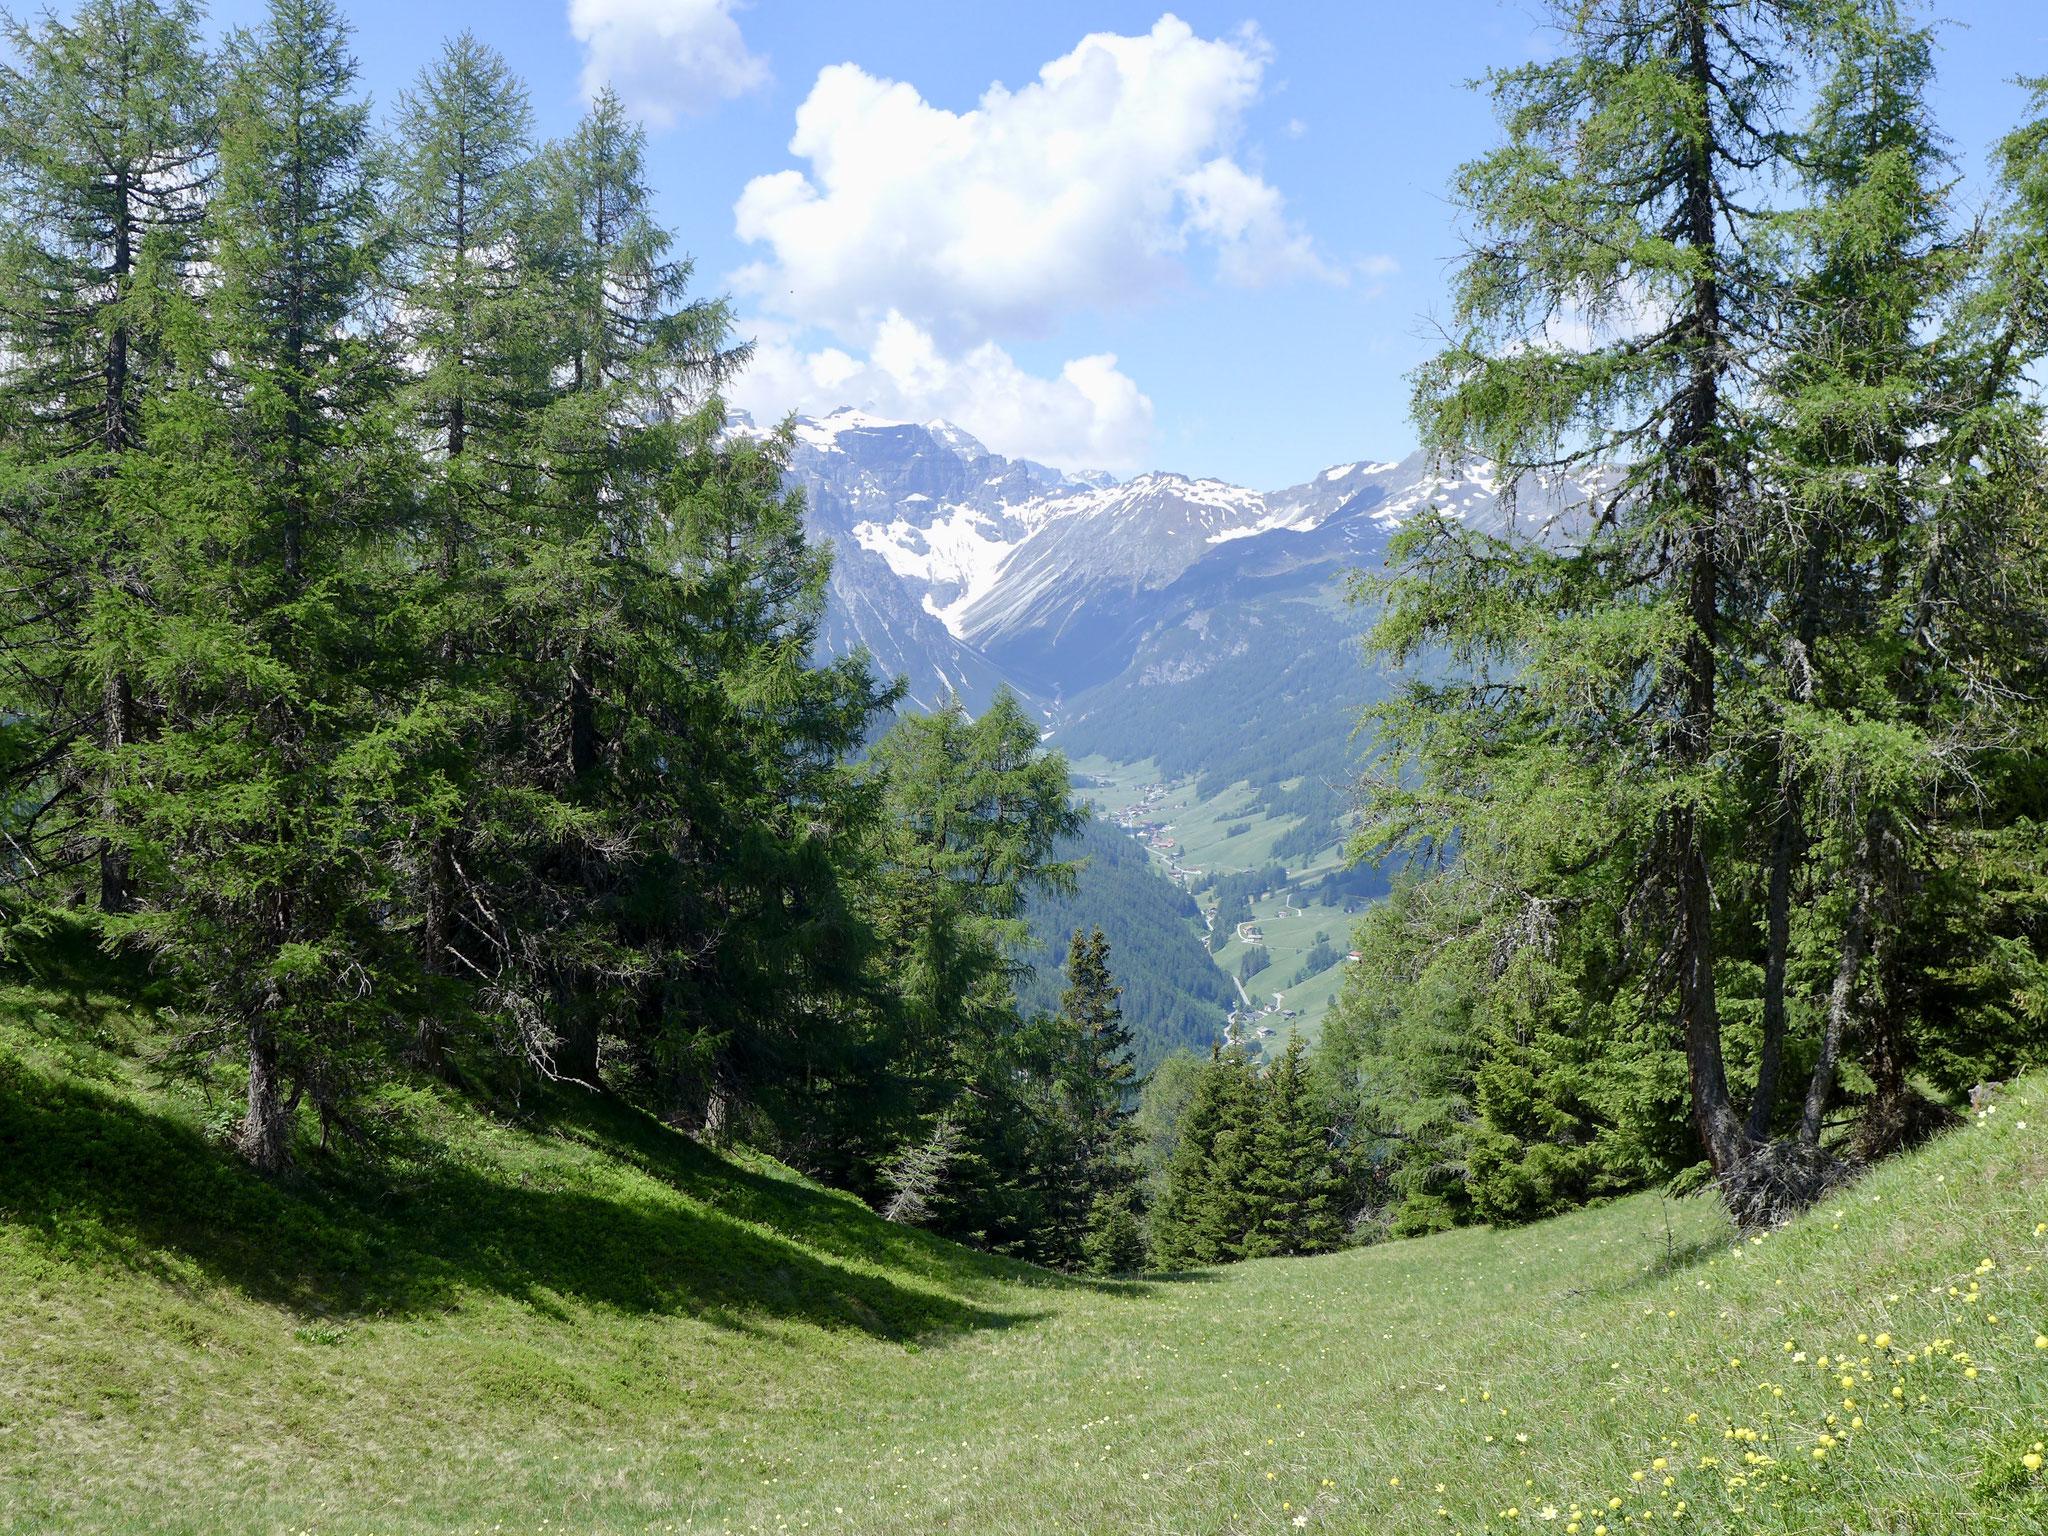 Satt grüne Wiesen und tolle Panorama wohin man auch sieht.